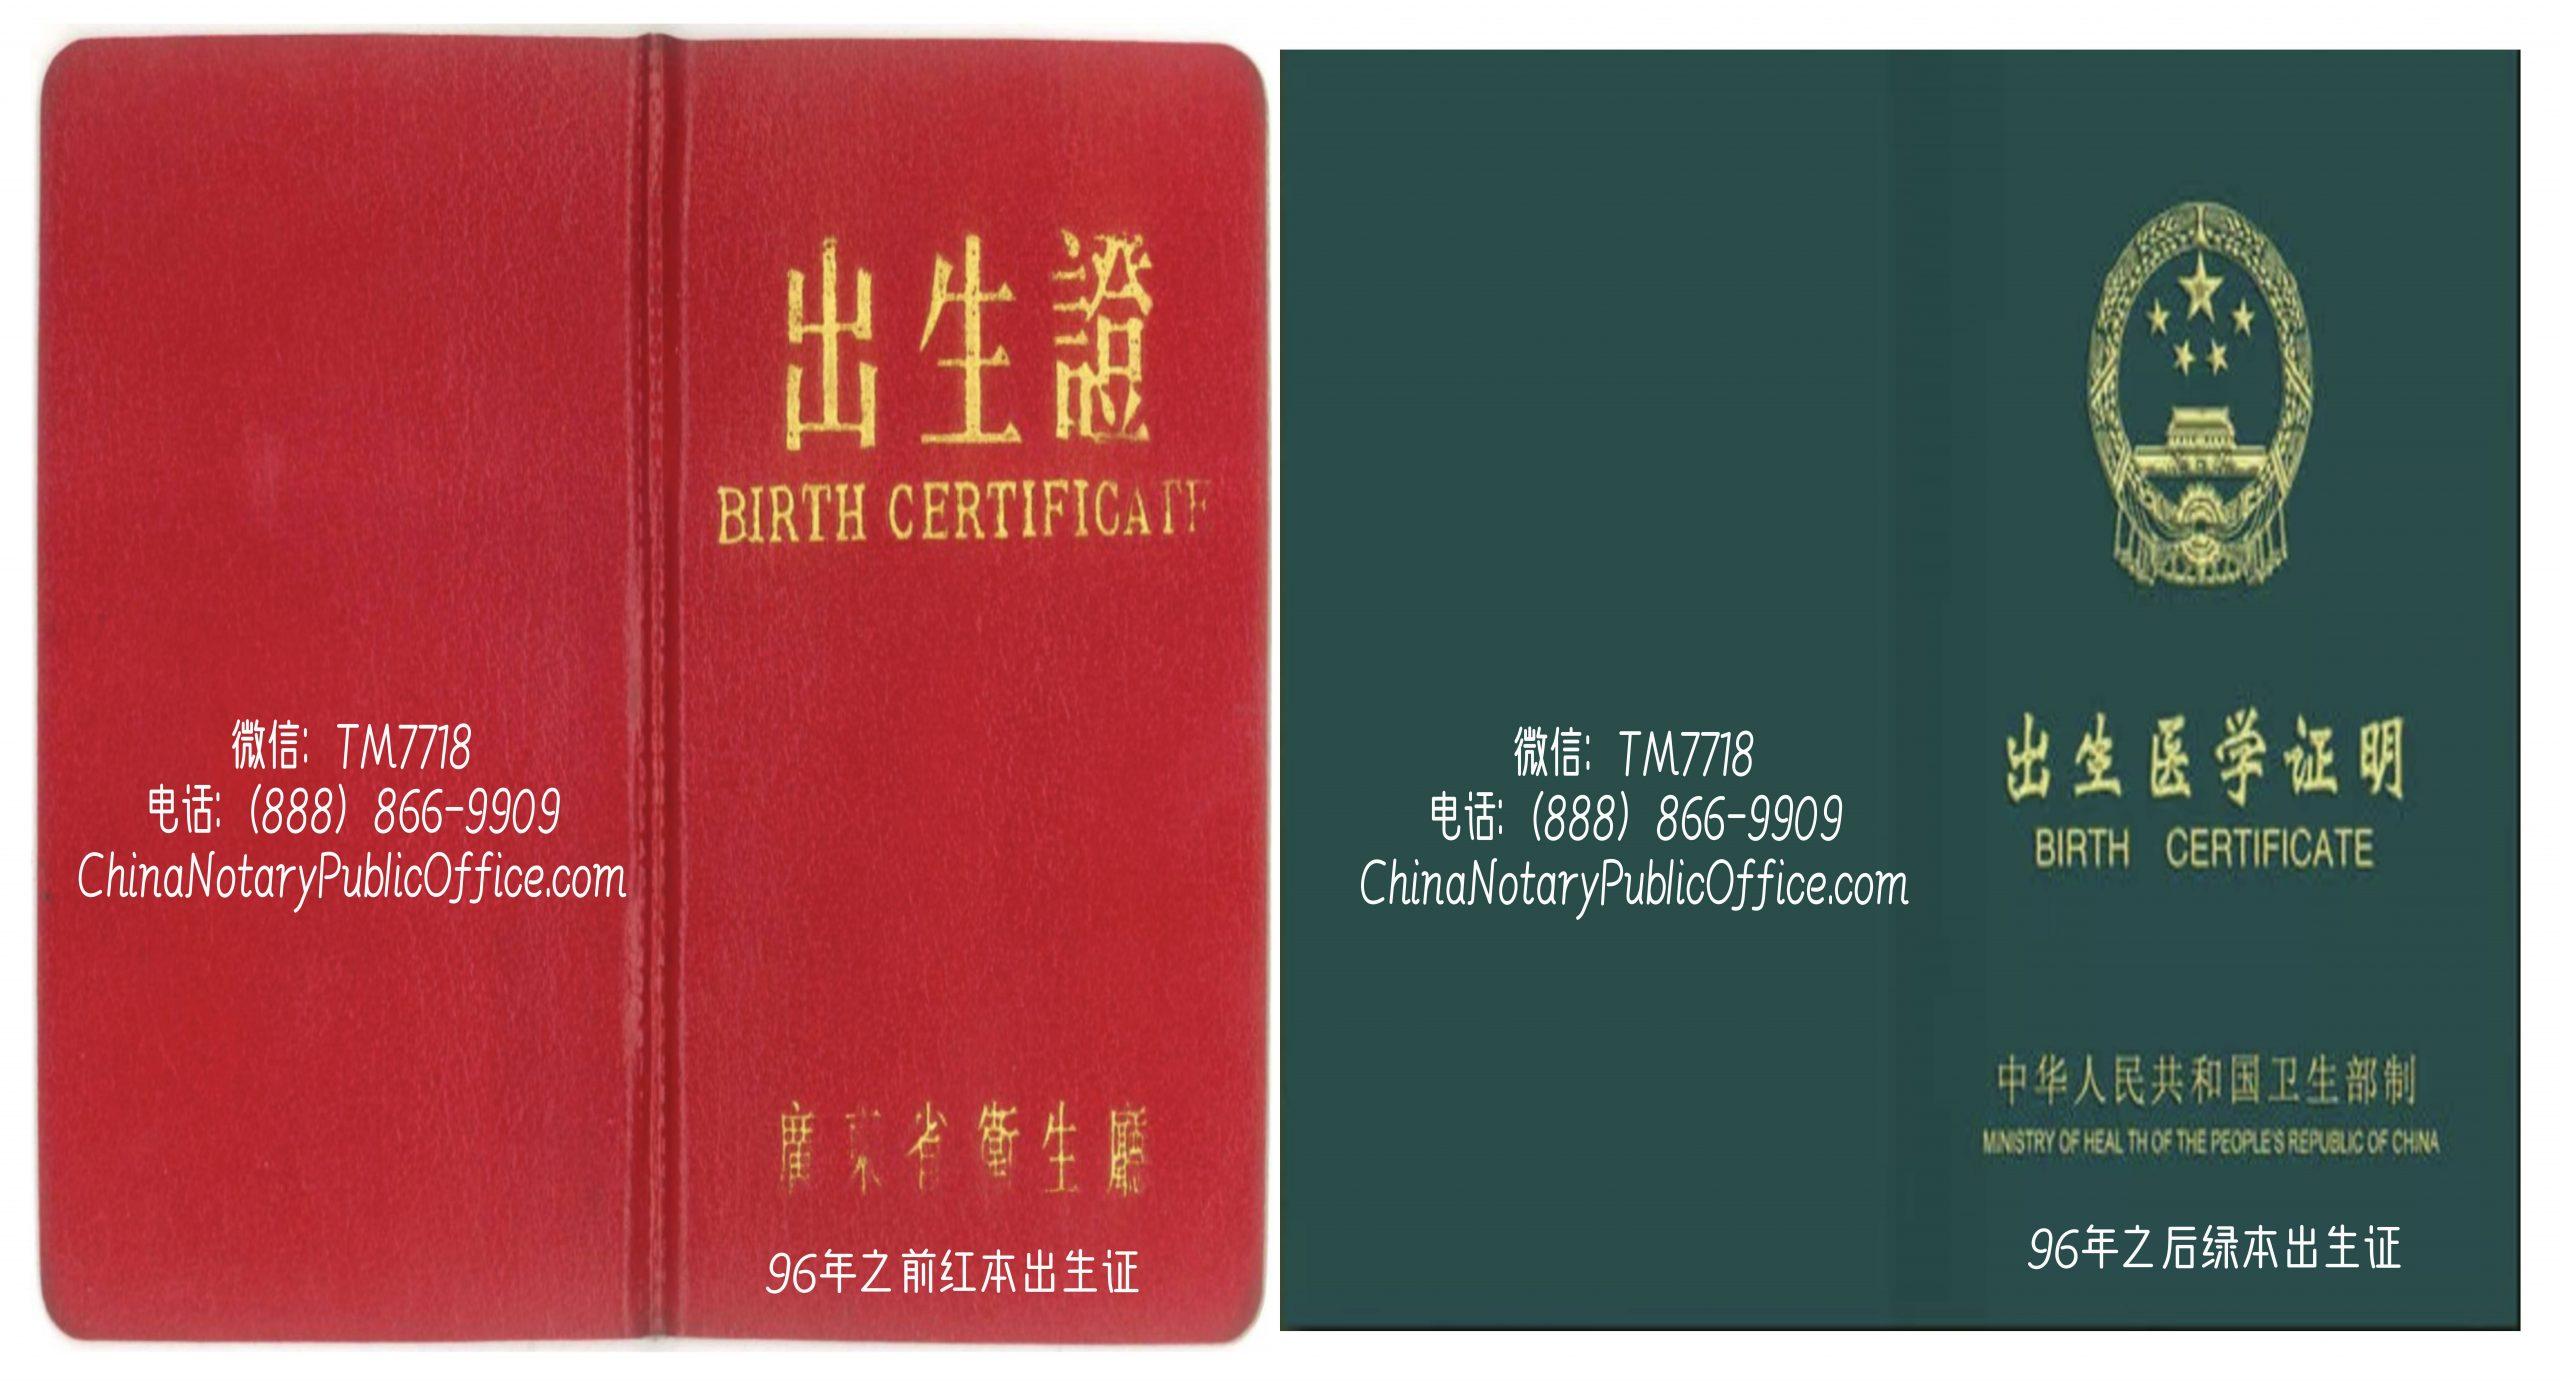 法国华人入籍办理出生公证怎么办?留法必备材料,中国公证处海外服务中心